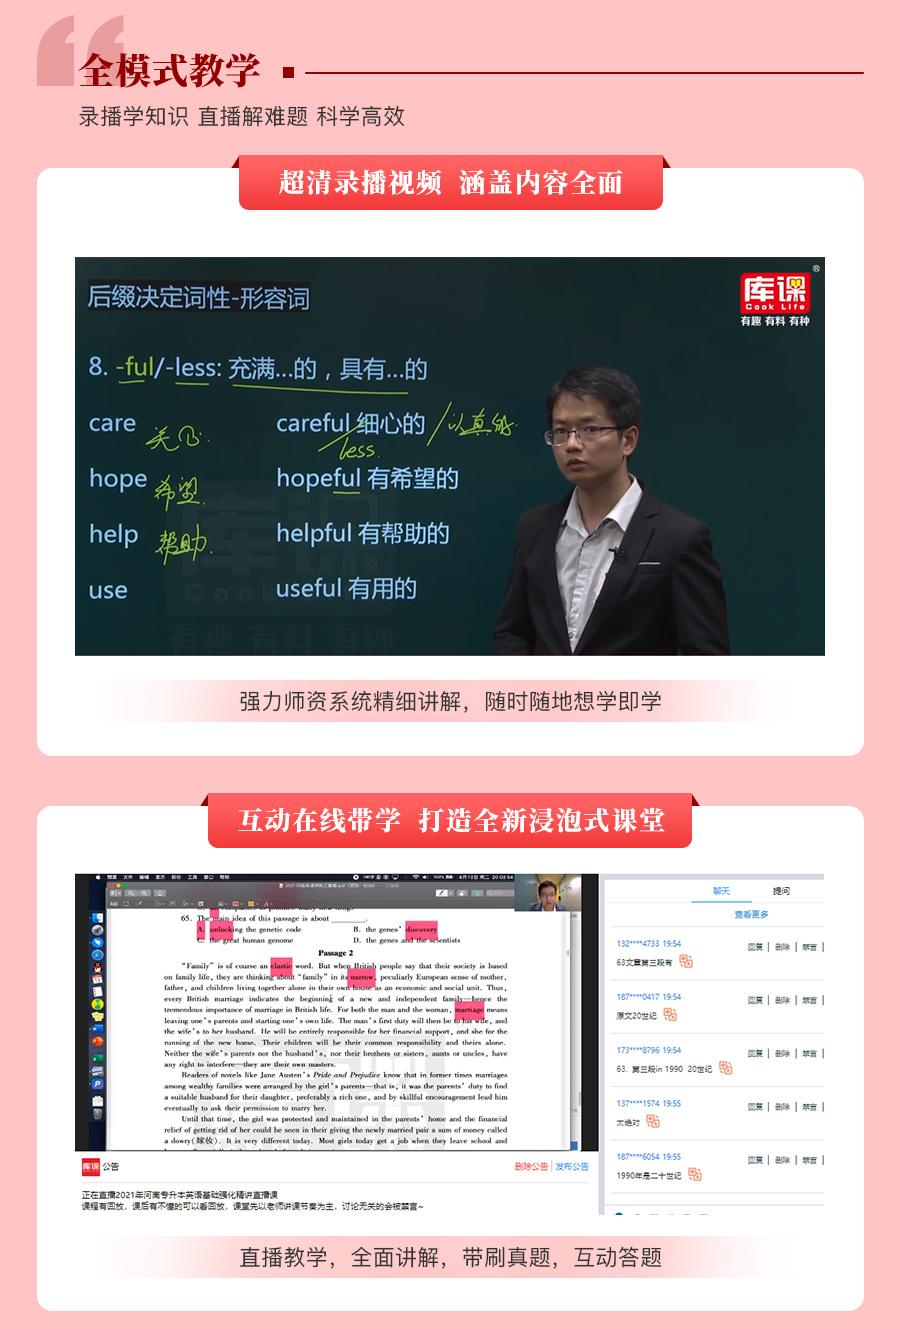 广东-vip-英语+政治_05.jpg